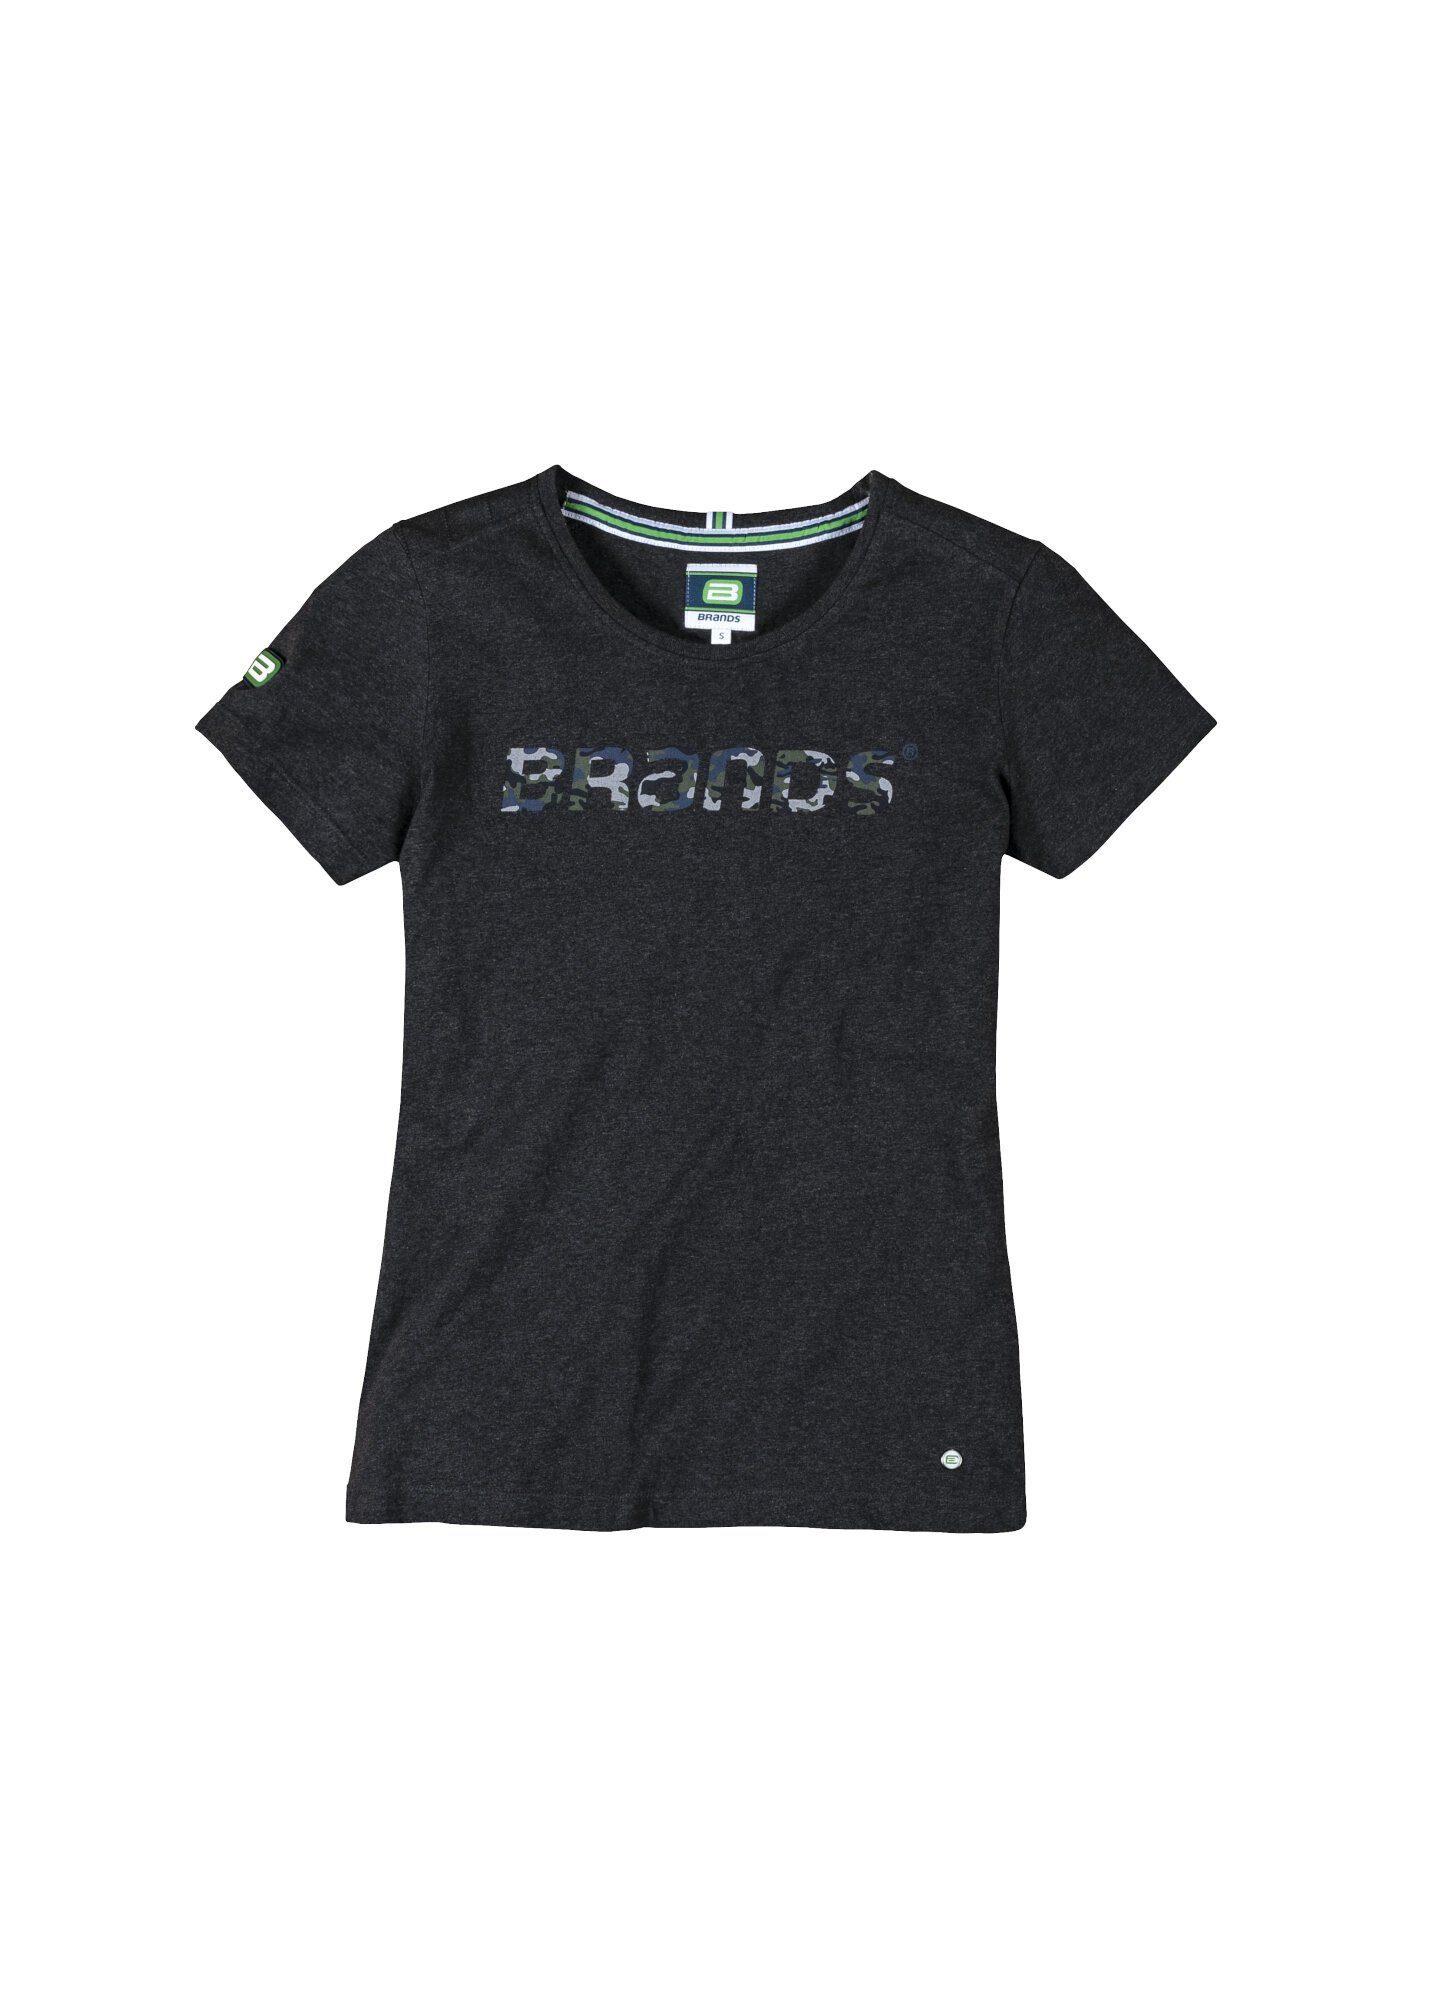 BRANDS Workwear T-Shirt Tarnmuster-Druck BRANDS Damen GOTS